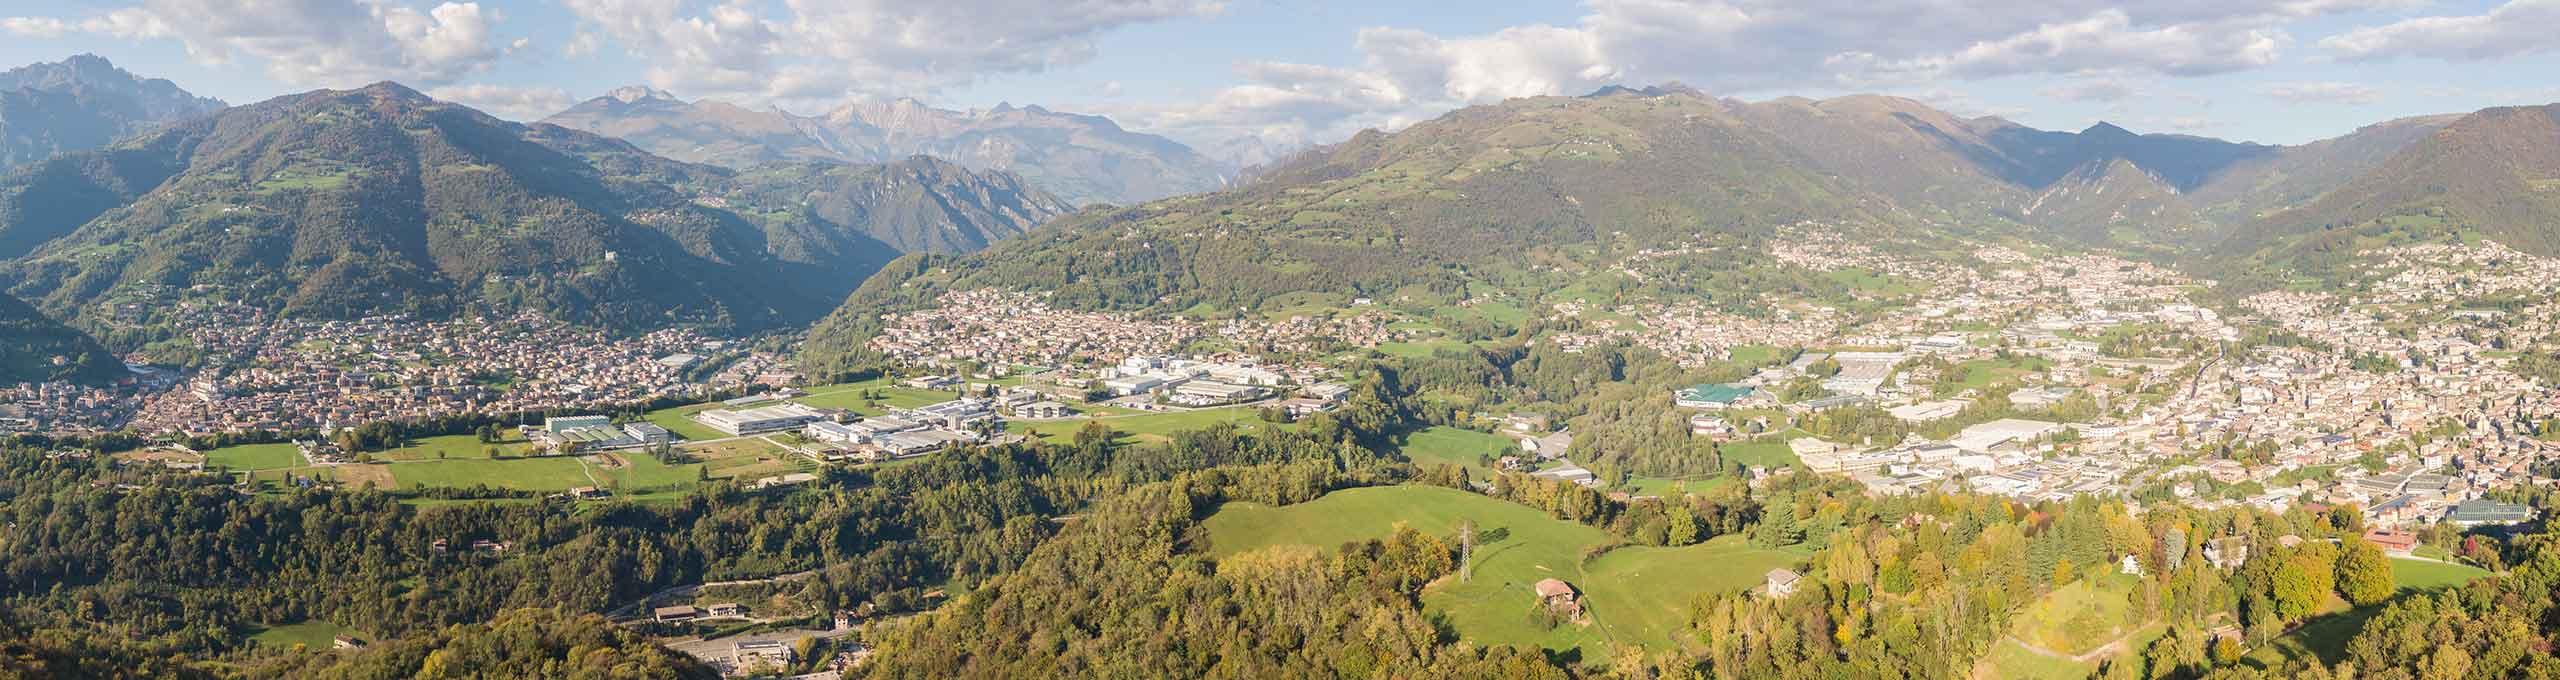 Gandino, Valseriana